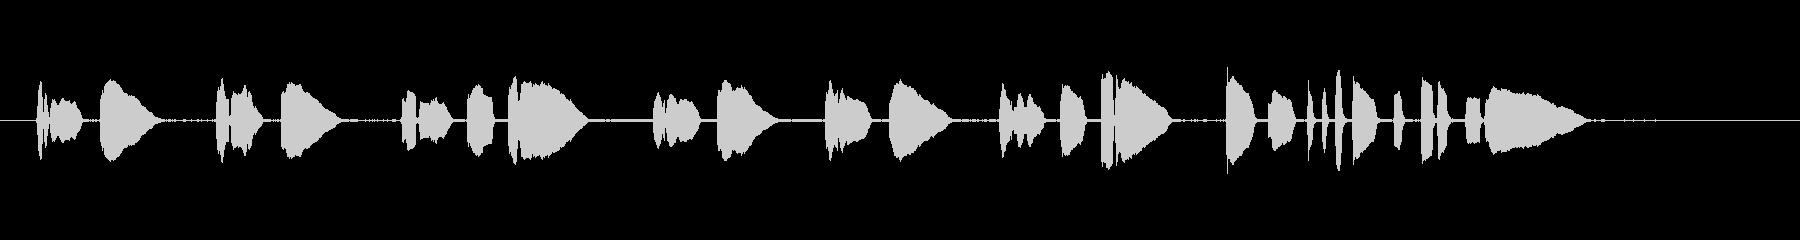 ビューグル敬礼ガード-軍隊、ビュー...の未再生の波形